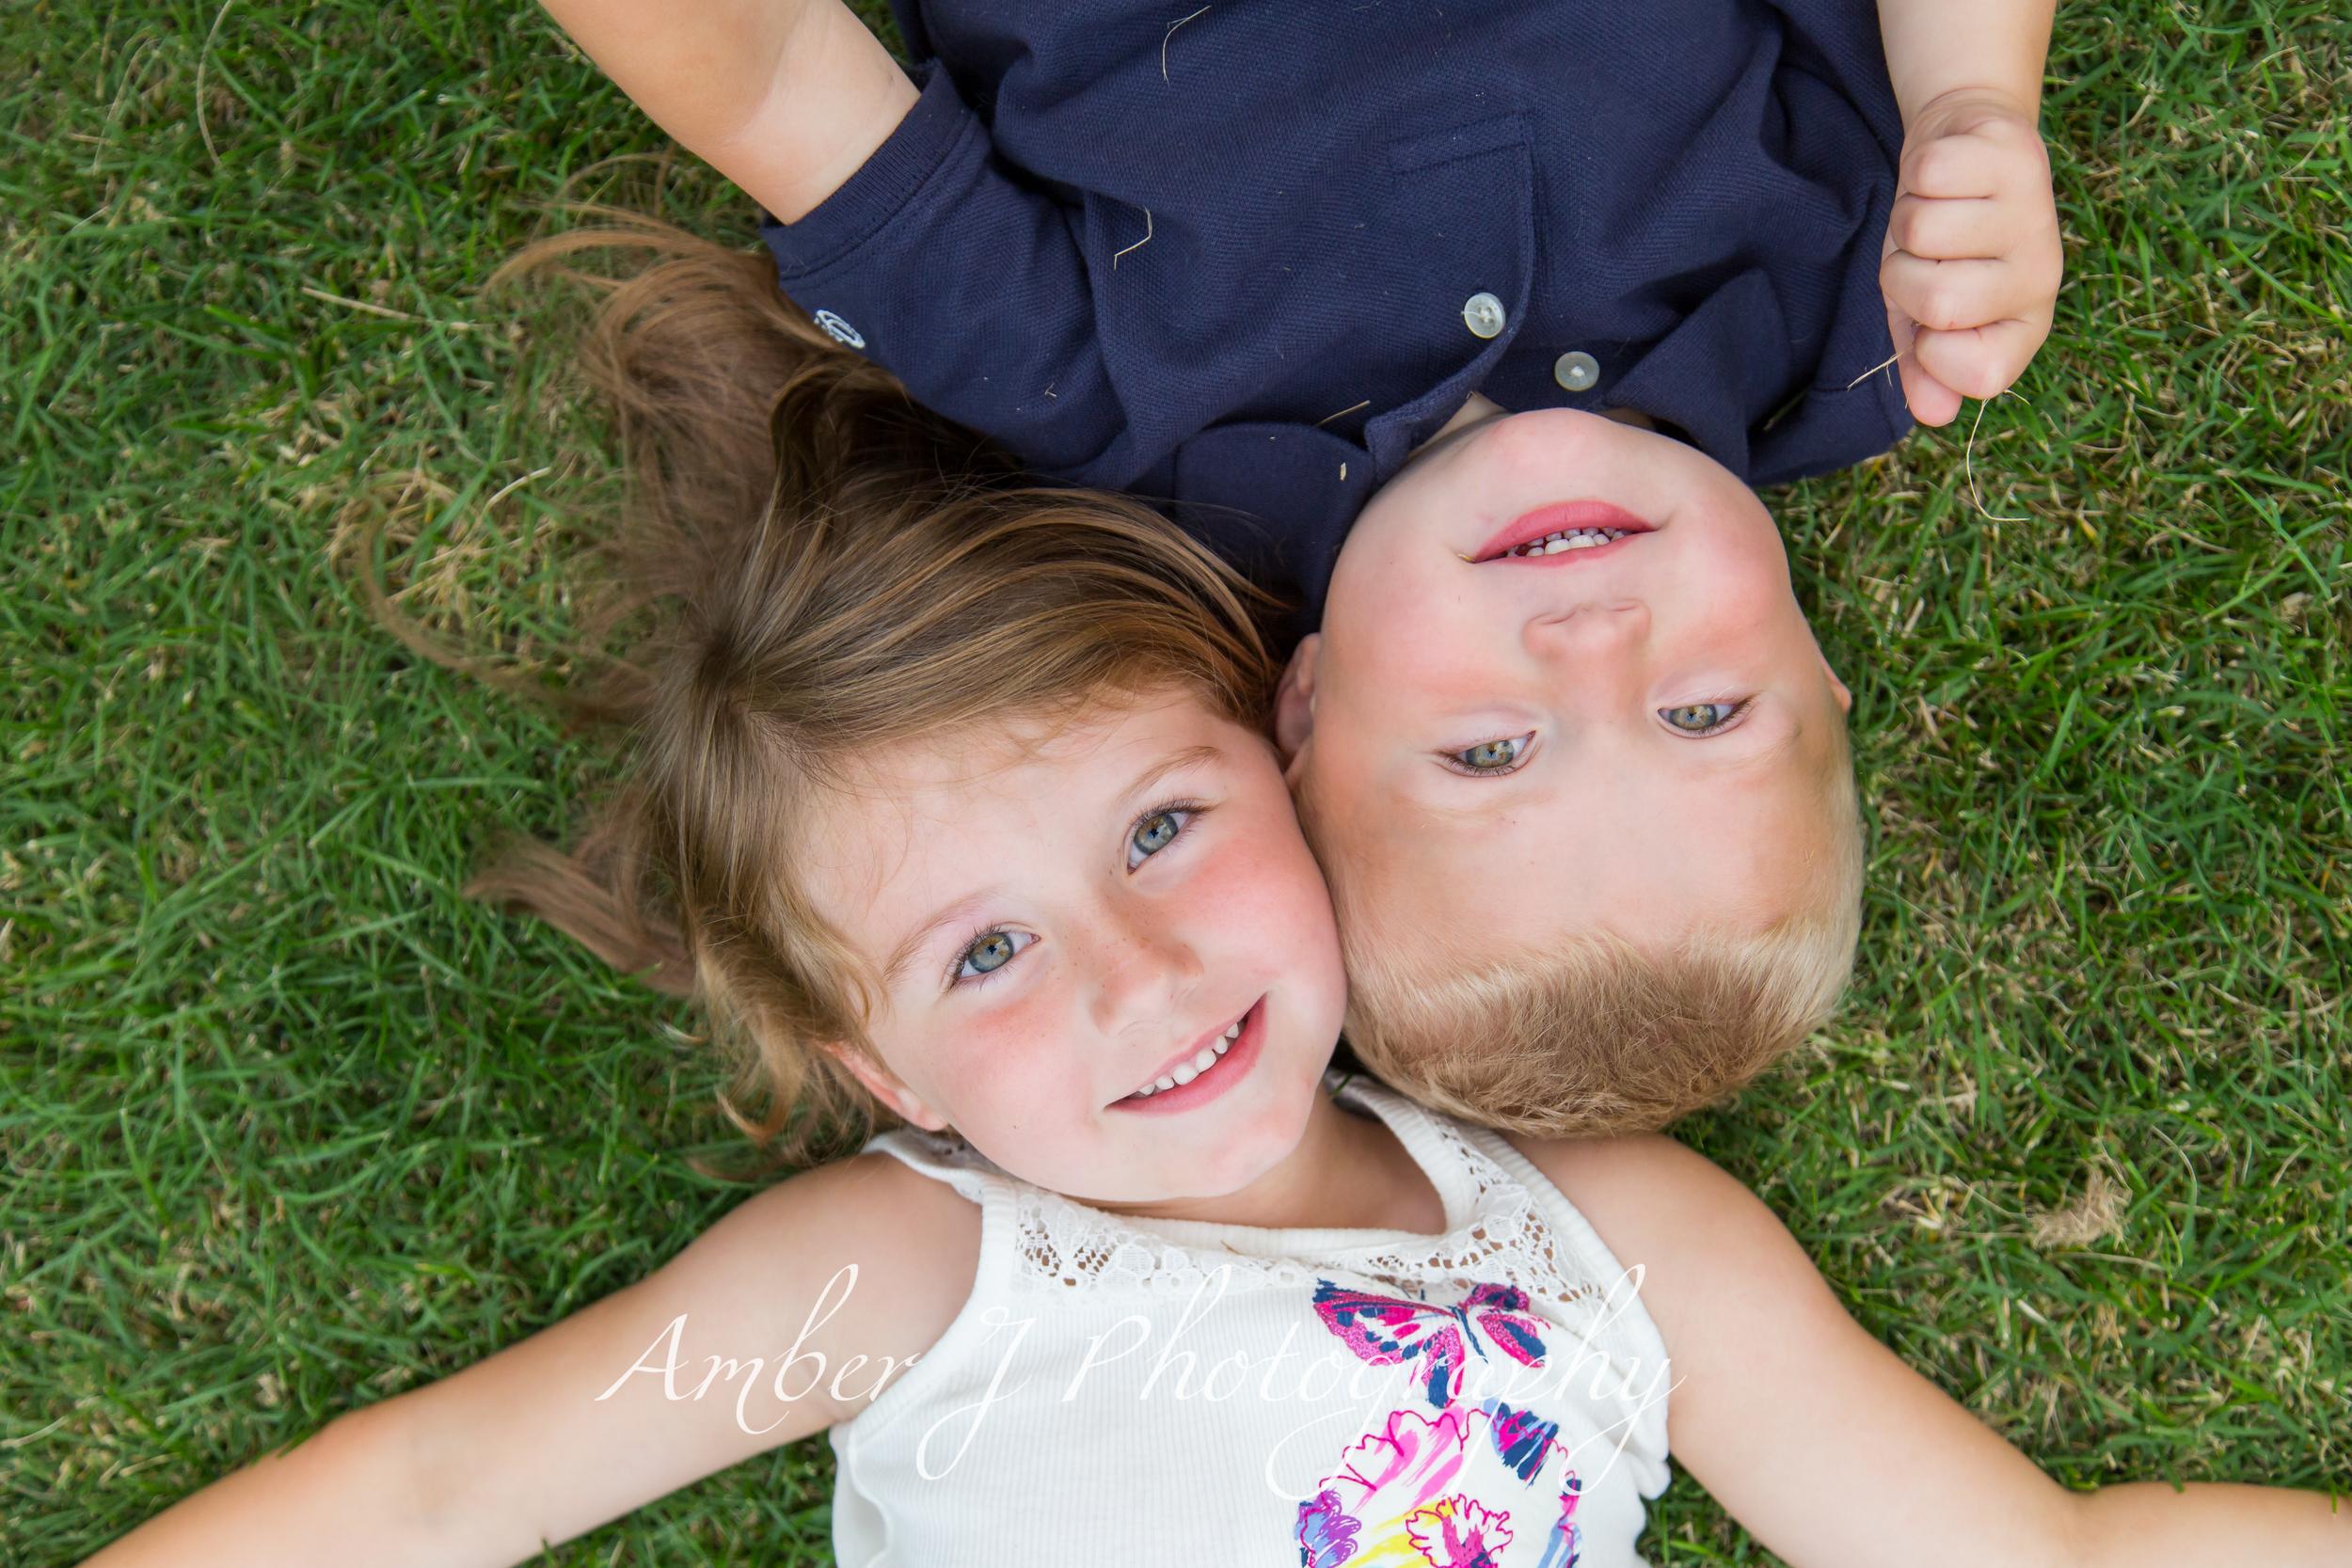 Burrfamily_amberjphotographyblog_19.jpg